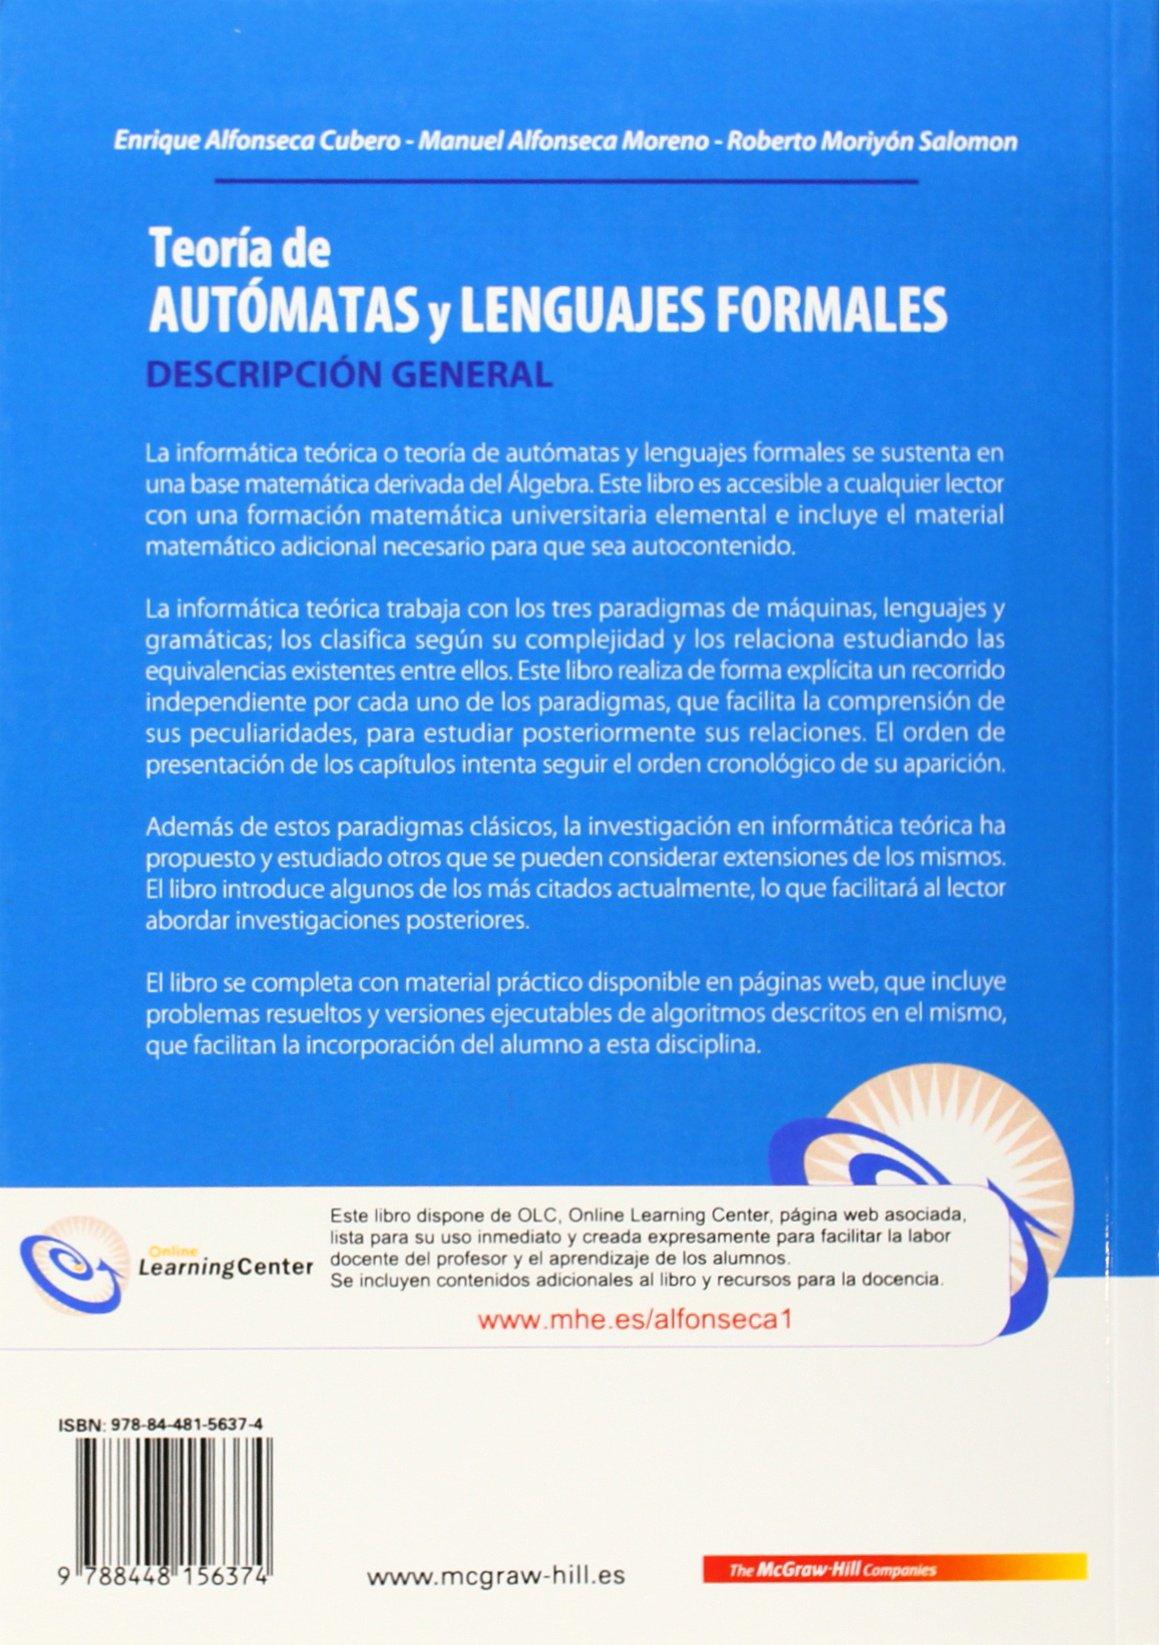 Teoria de Automatas y Lenguajes Formales: Manuel Alfonseca, Enrique Alfonseca, Roberto Moriyón: 9788448156374: Amazon.com: Books